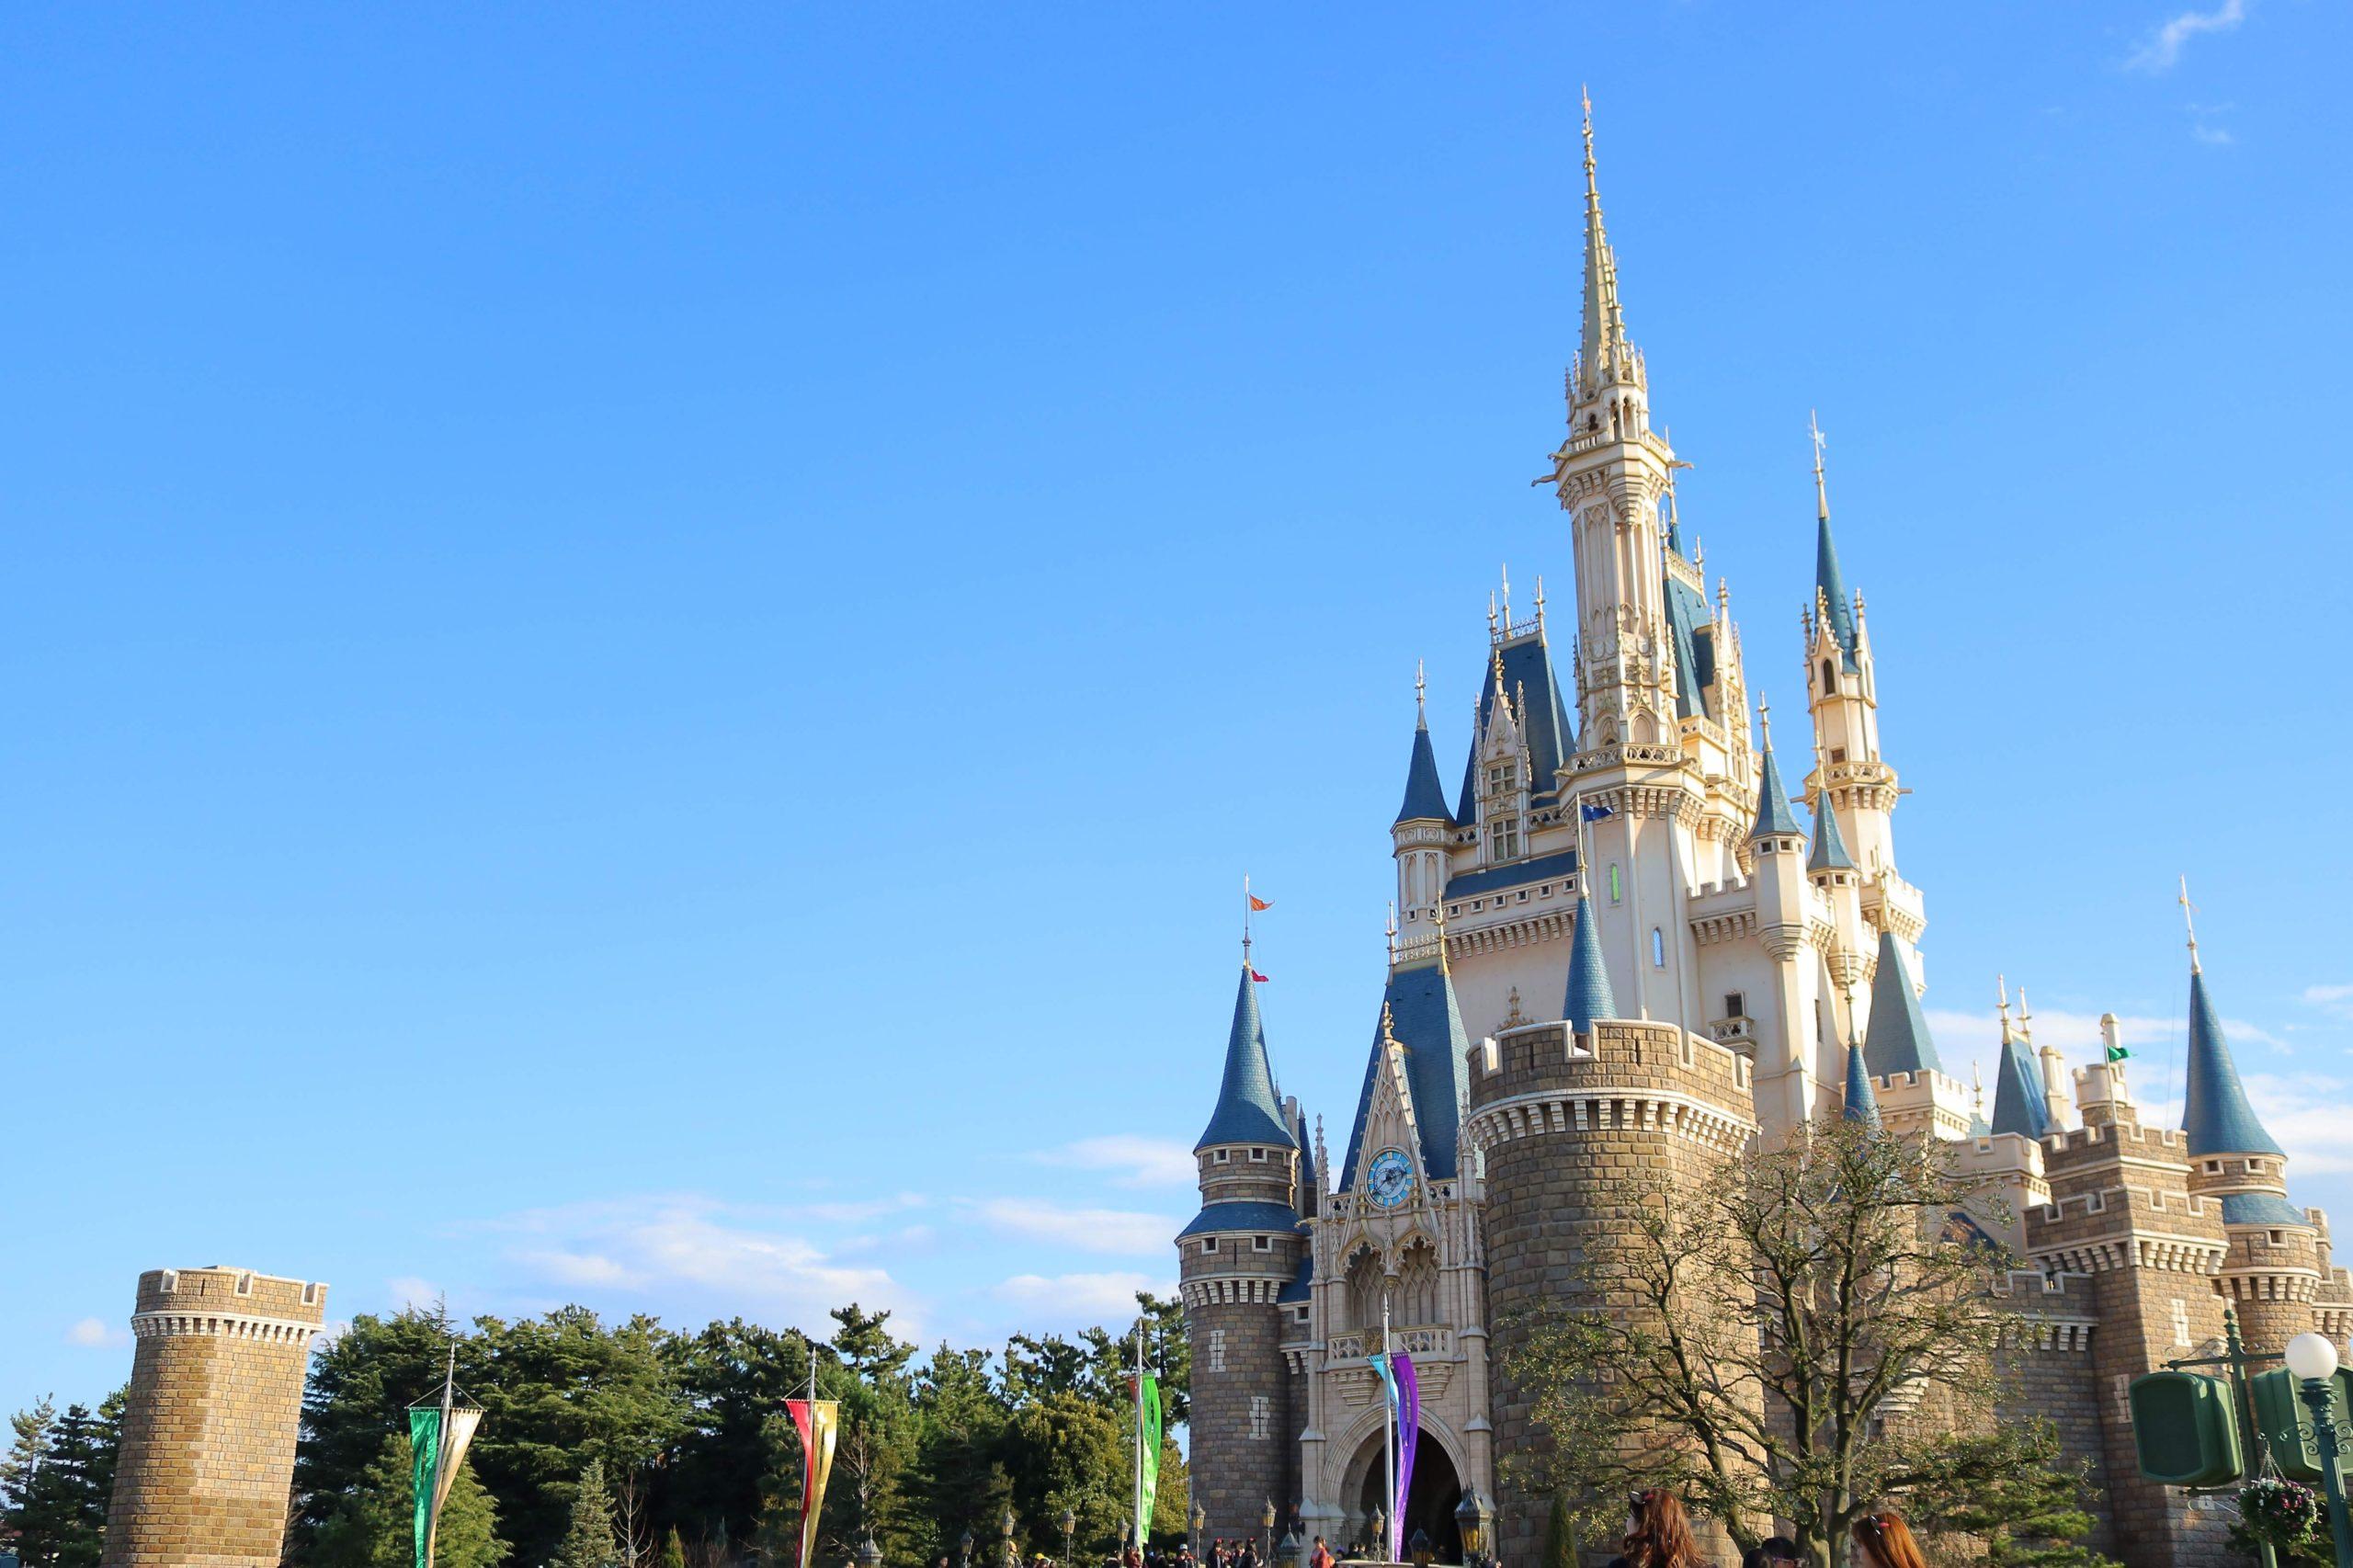 ディズニー 営業 時間 東京ディズニー、4月から上限2万人に 営業時間も延長: